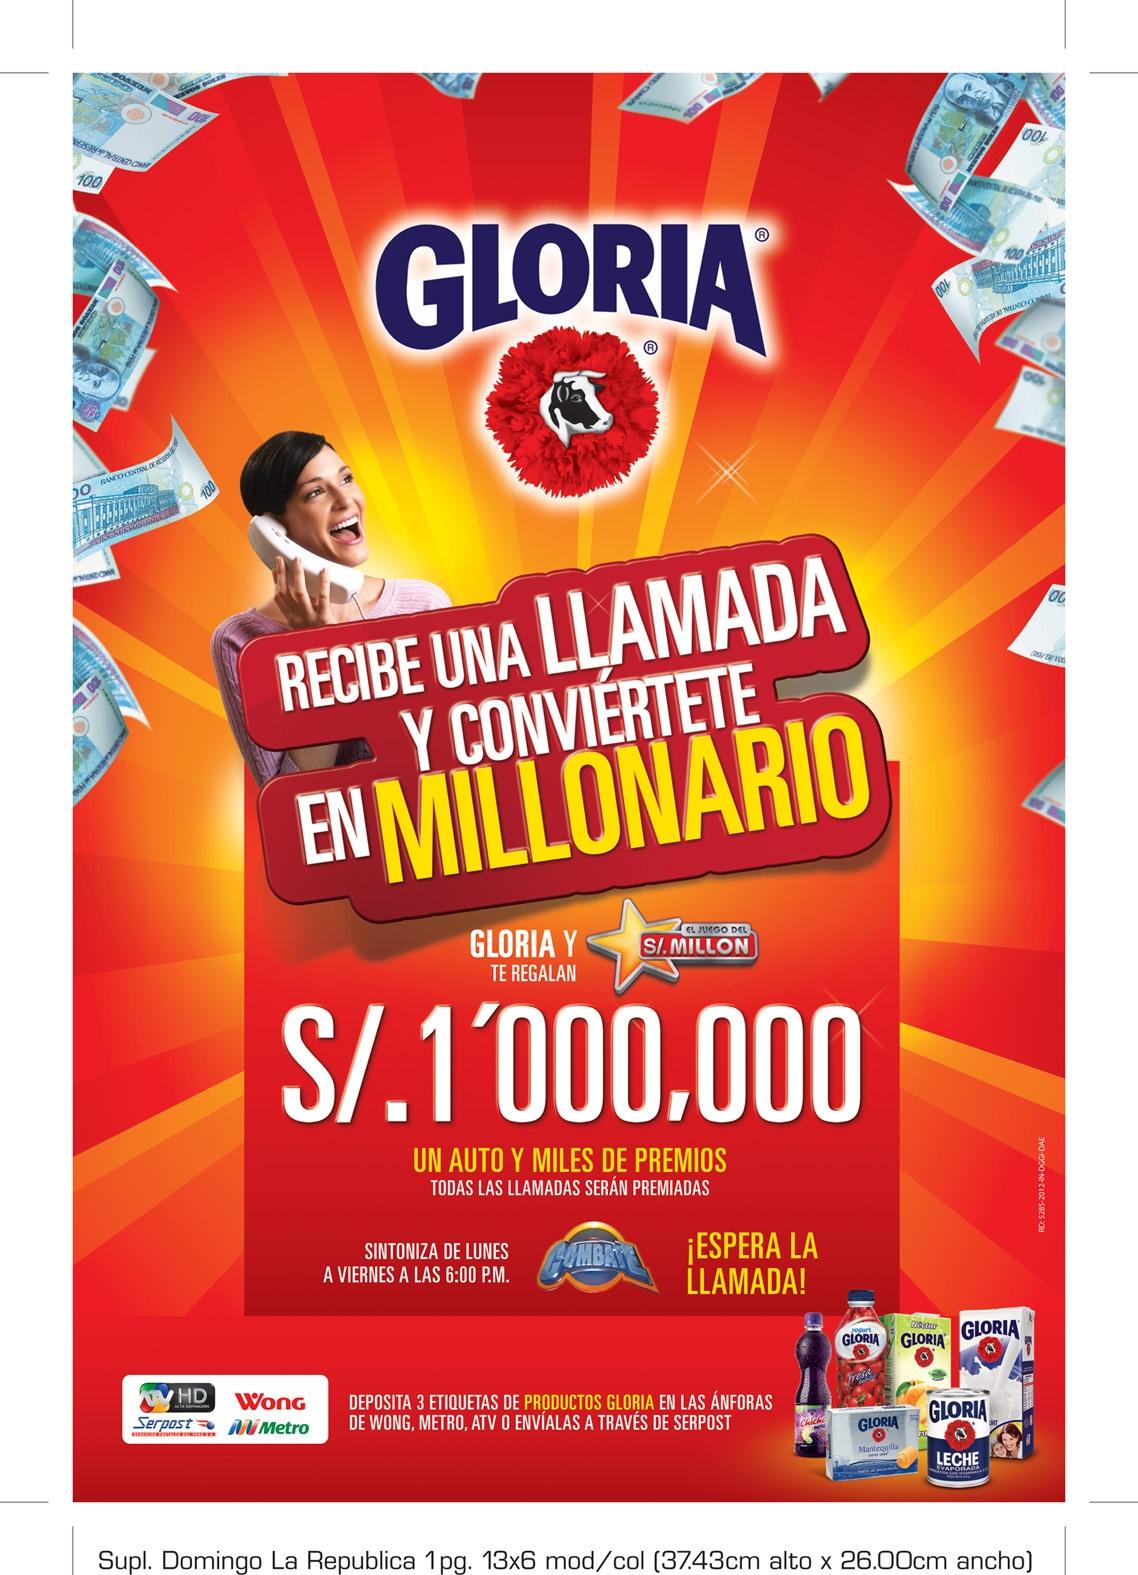 Gloria Juego del Millón Perú